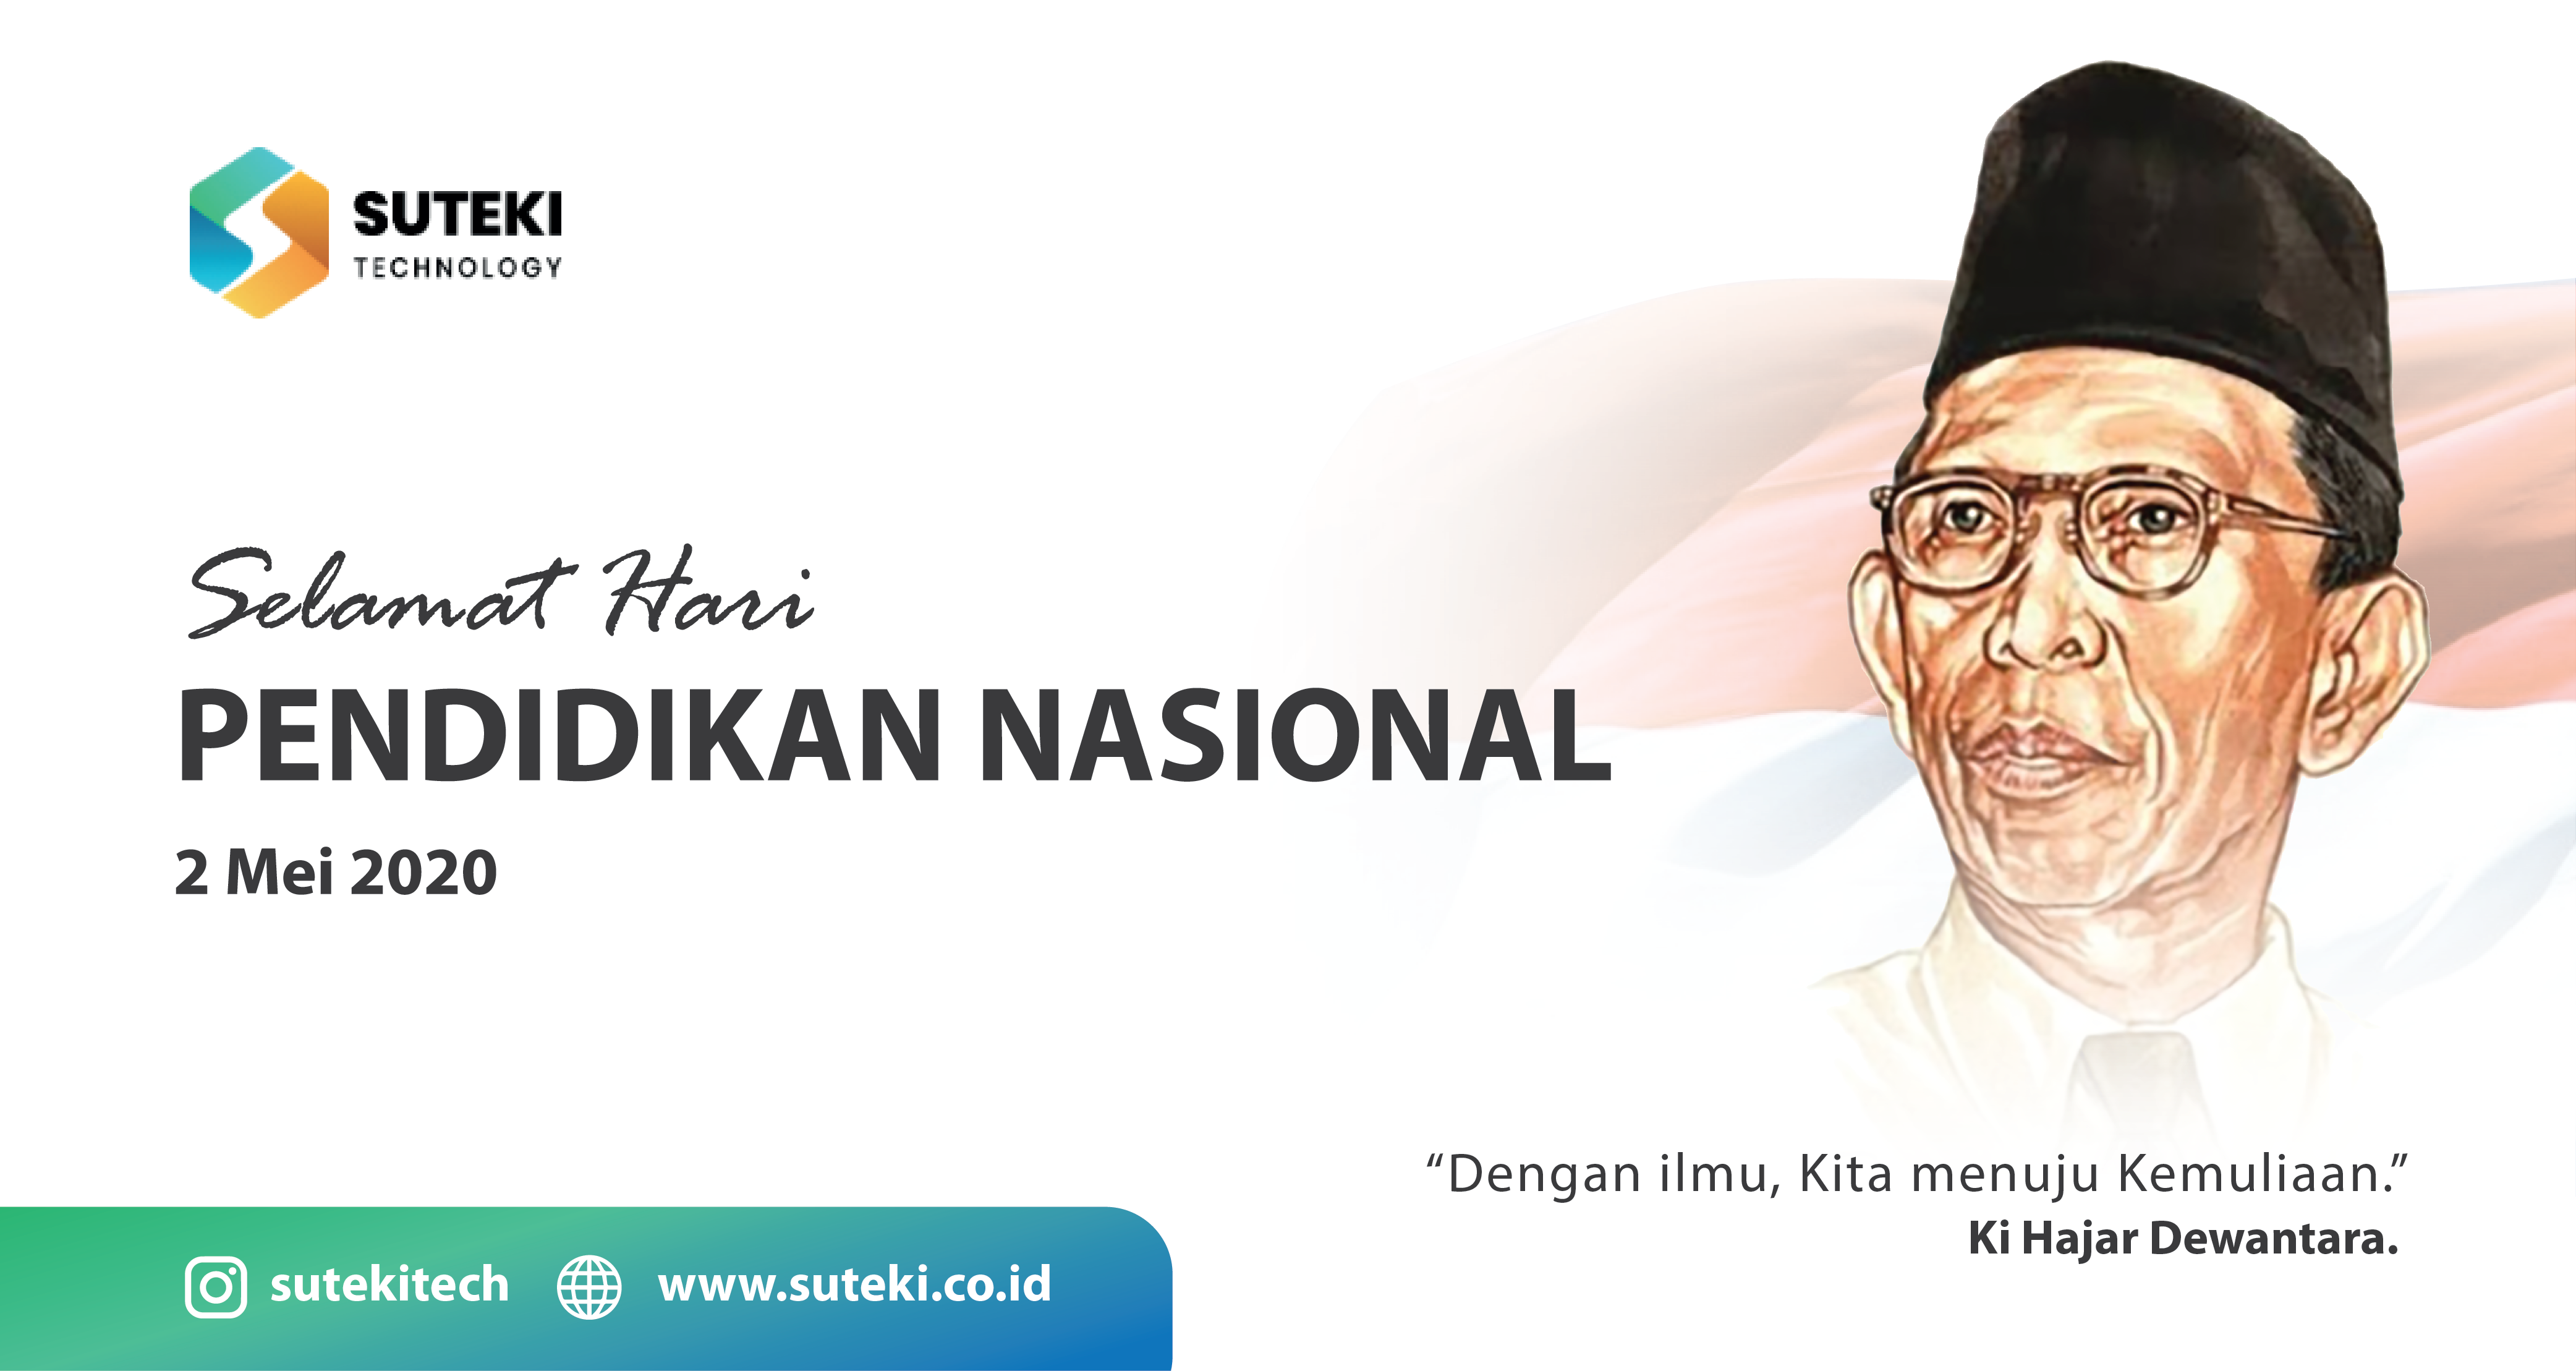 Selamat Hari Pendidikan Nasional Indonesia, 2 Mei 2020